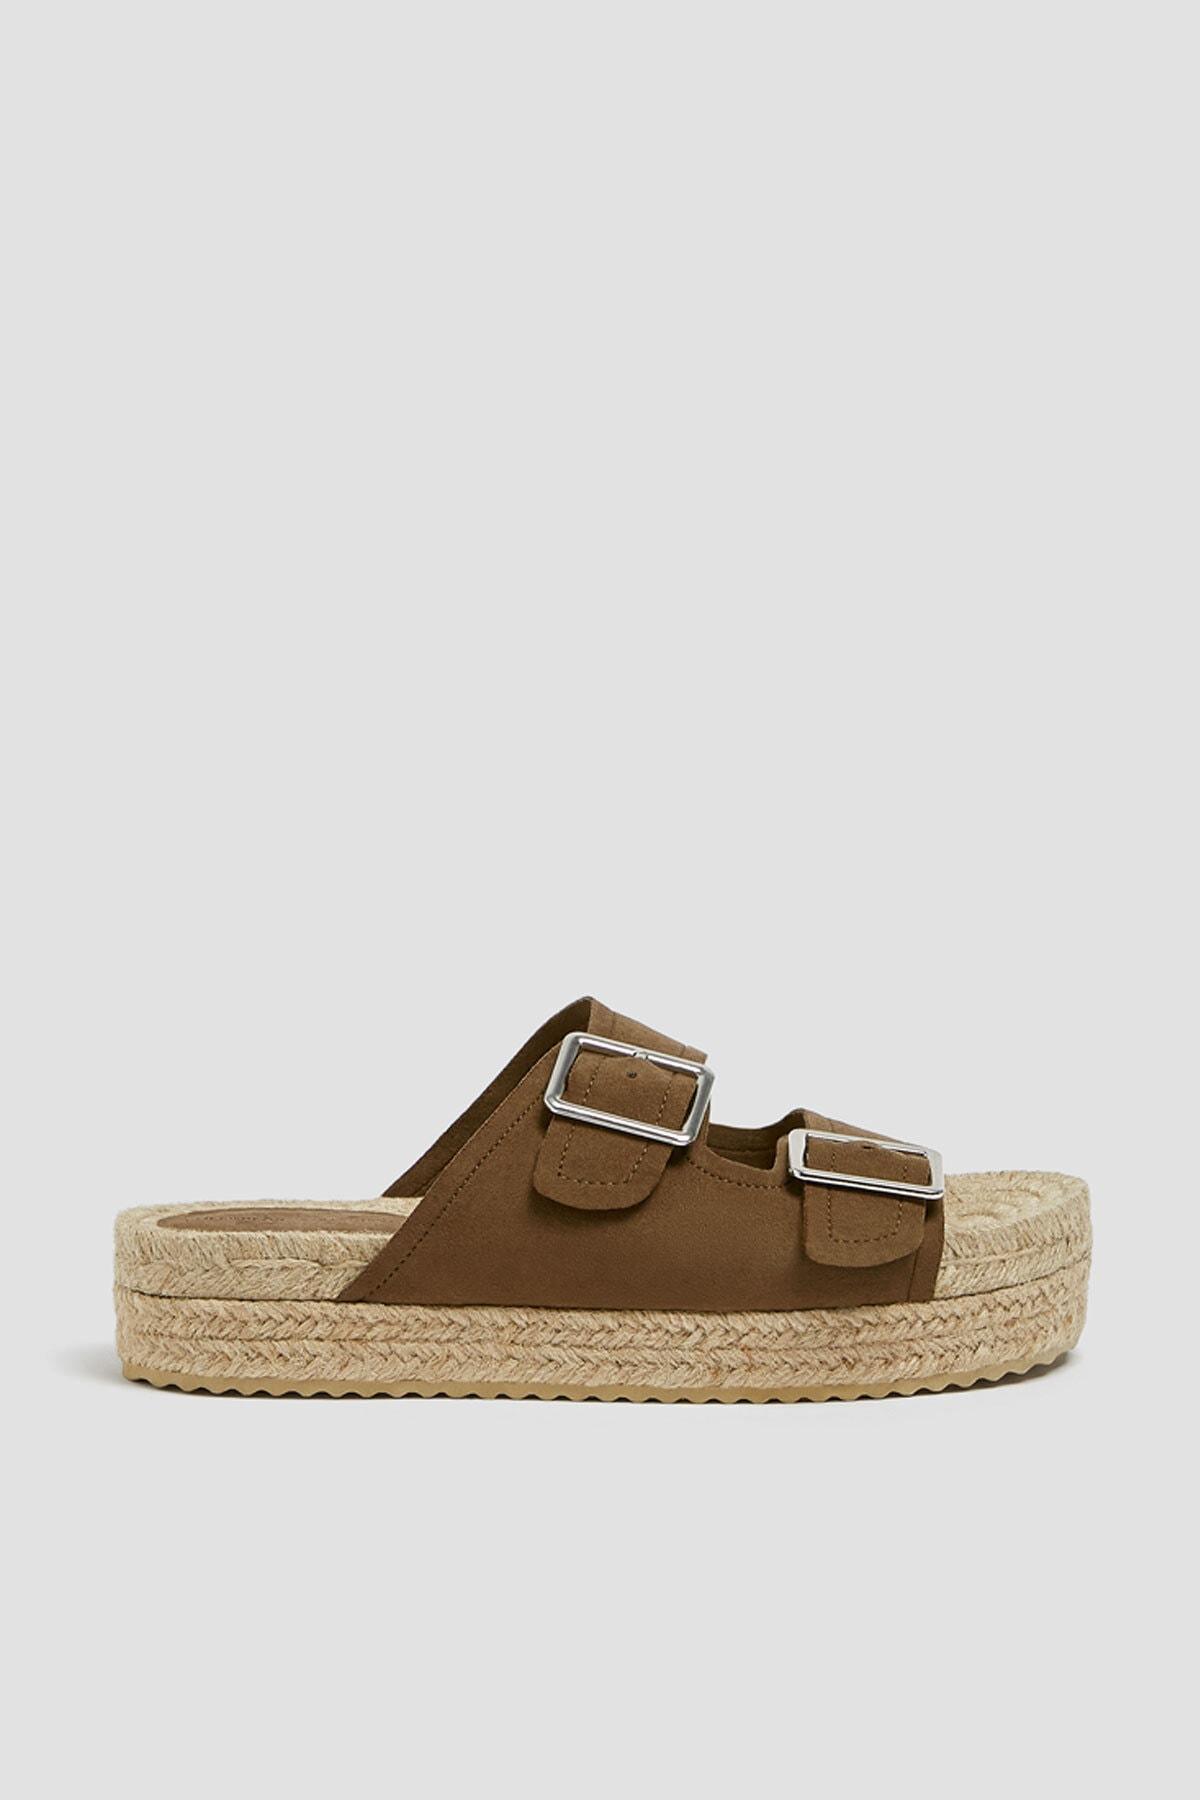 Pull & Bear Kadın Haki Tokalı Jüt Tabanlı Sandalet 11662540 0